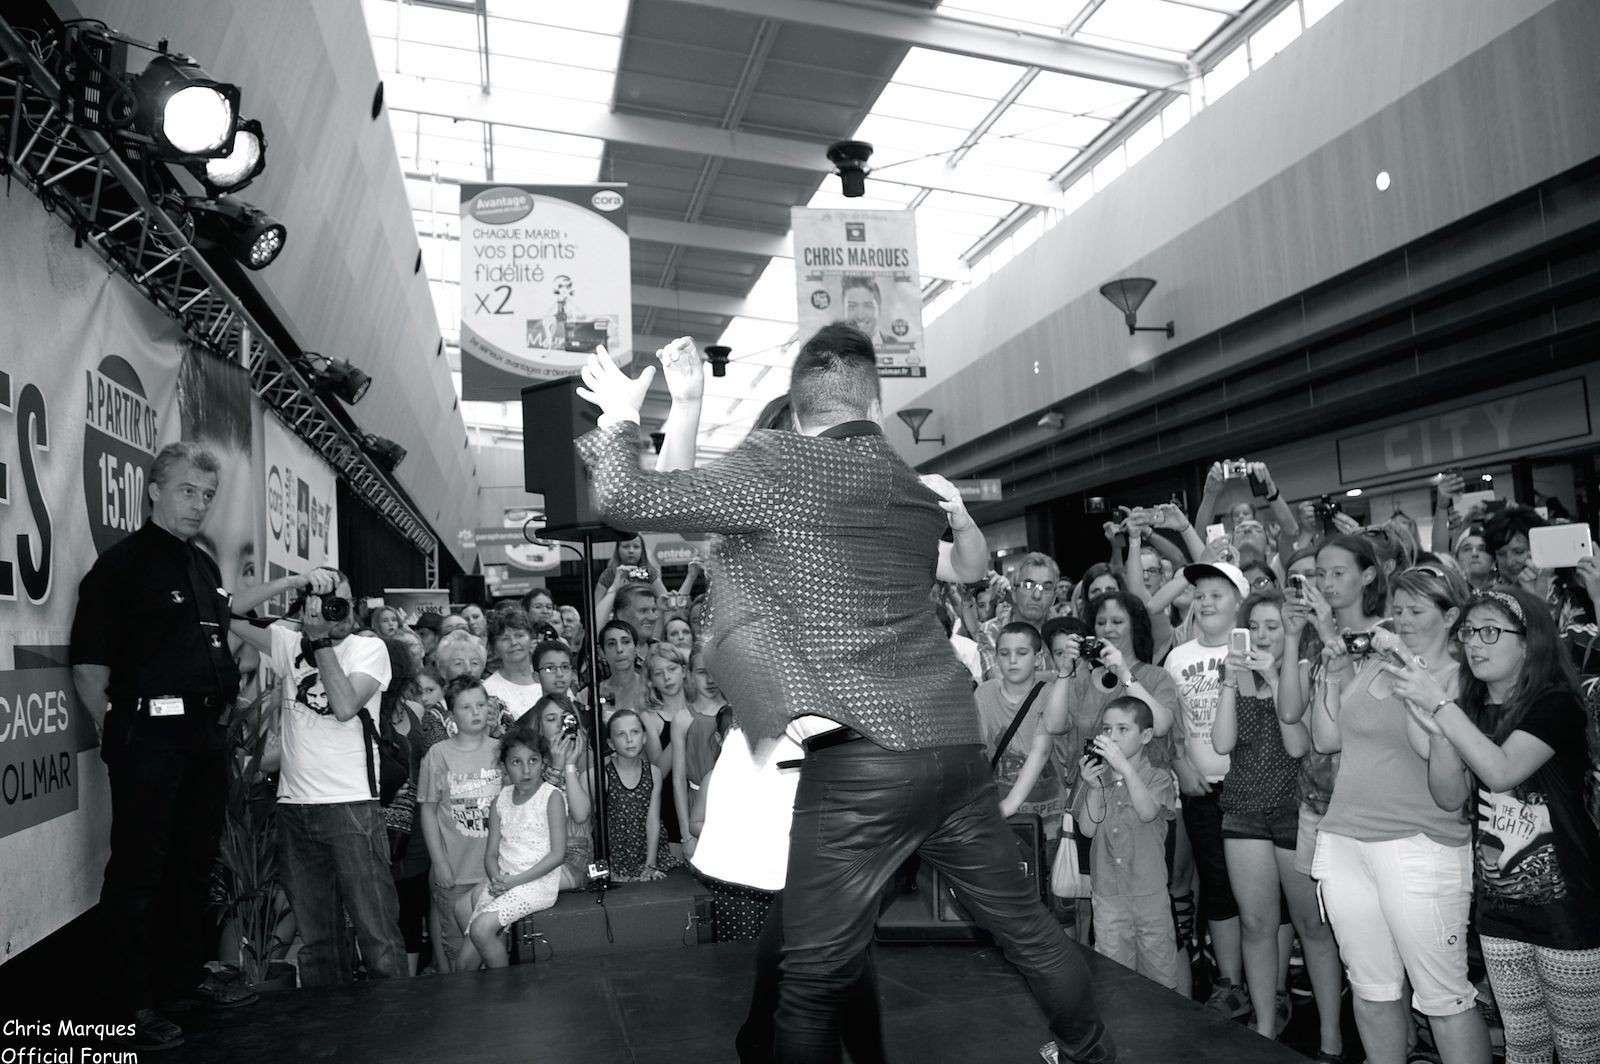 [14.06.2014] Evénement à #Colmar Chris Marques et Jaclyn Spencer pour un Flashmob/Cours de Danse/Dédicaces exceptionnels le tout organisé par la MJC de Colmar 12811